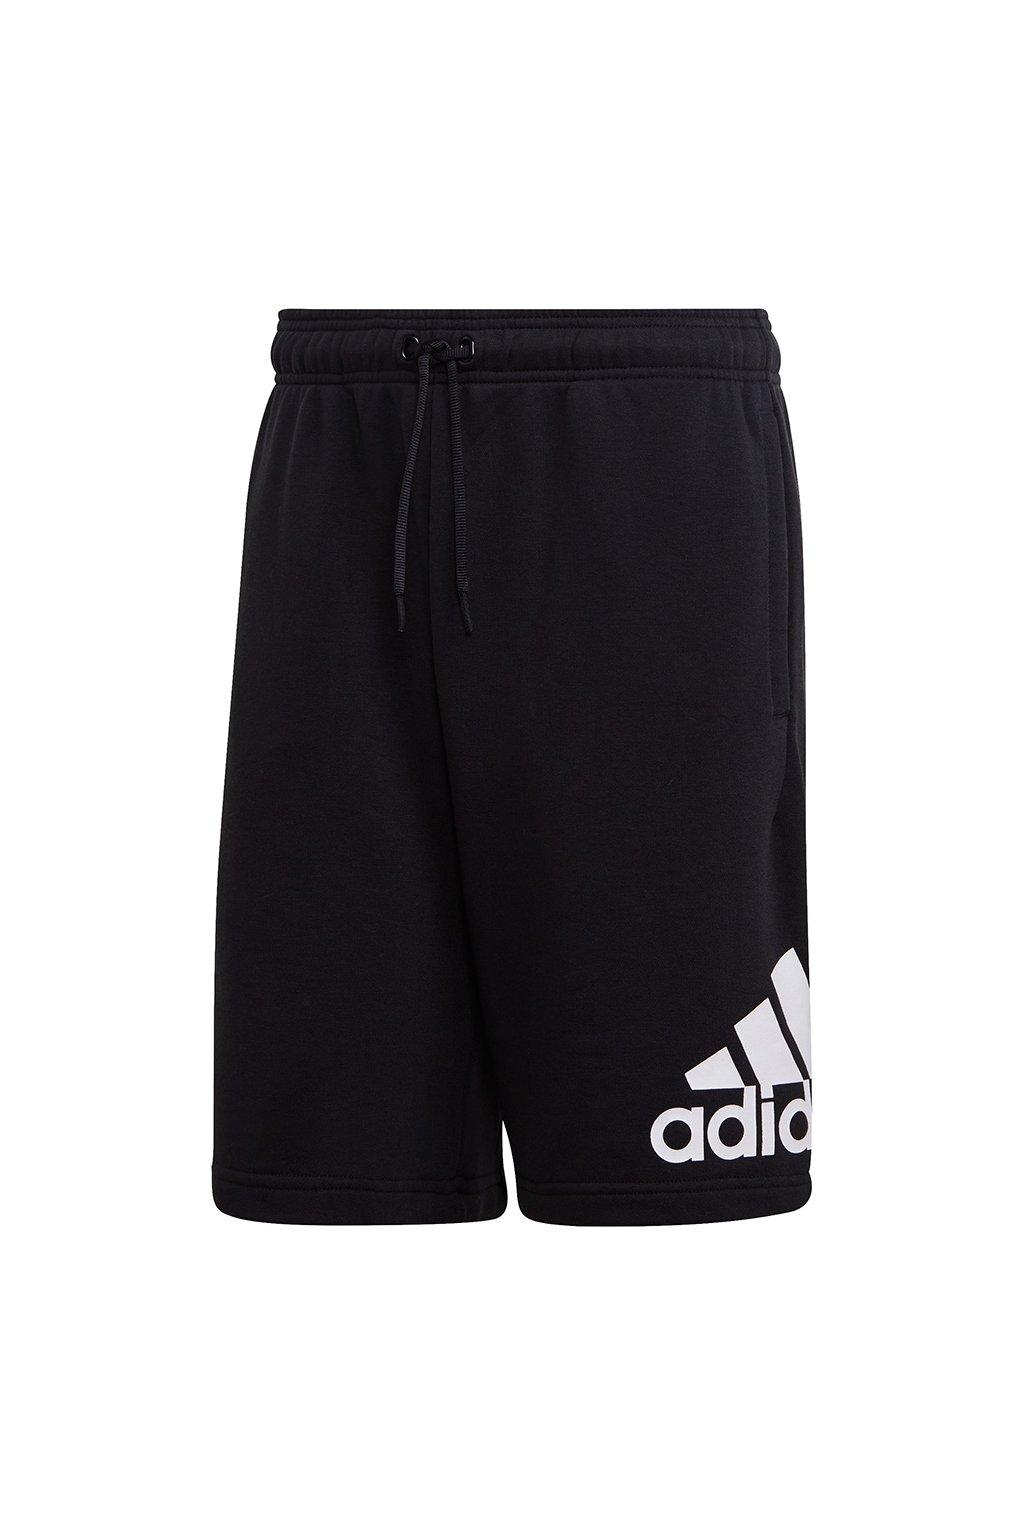 Pánske kraťasy adidas Must Have BOS Short French Terry čierne DX7662